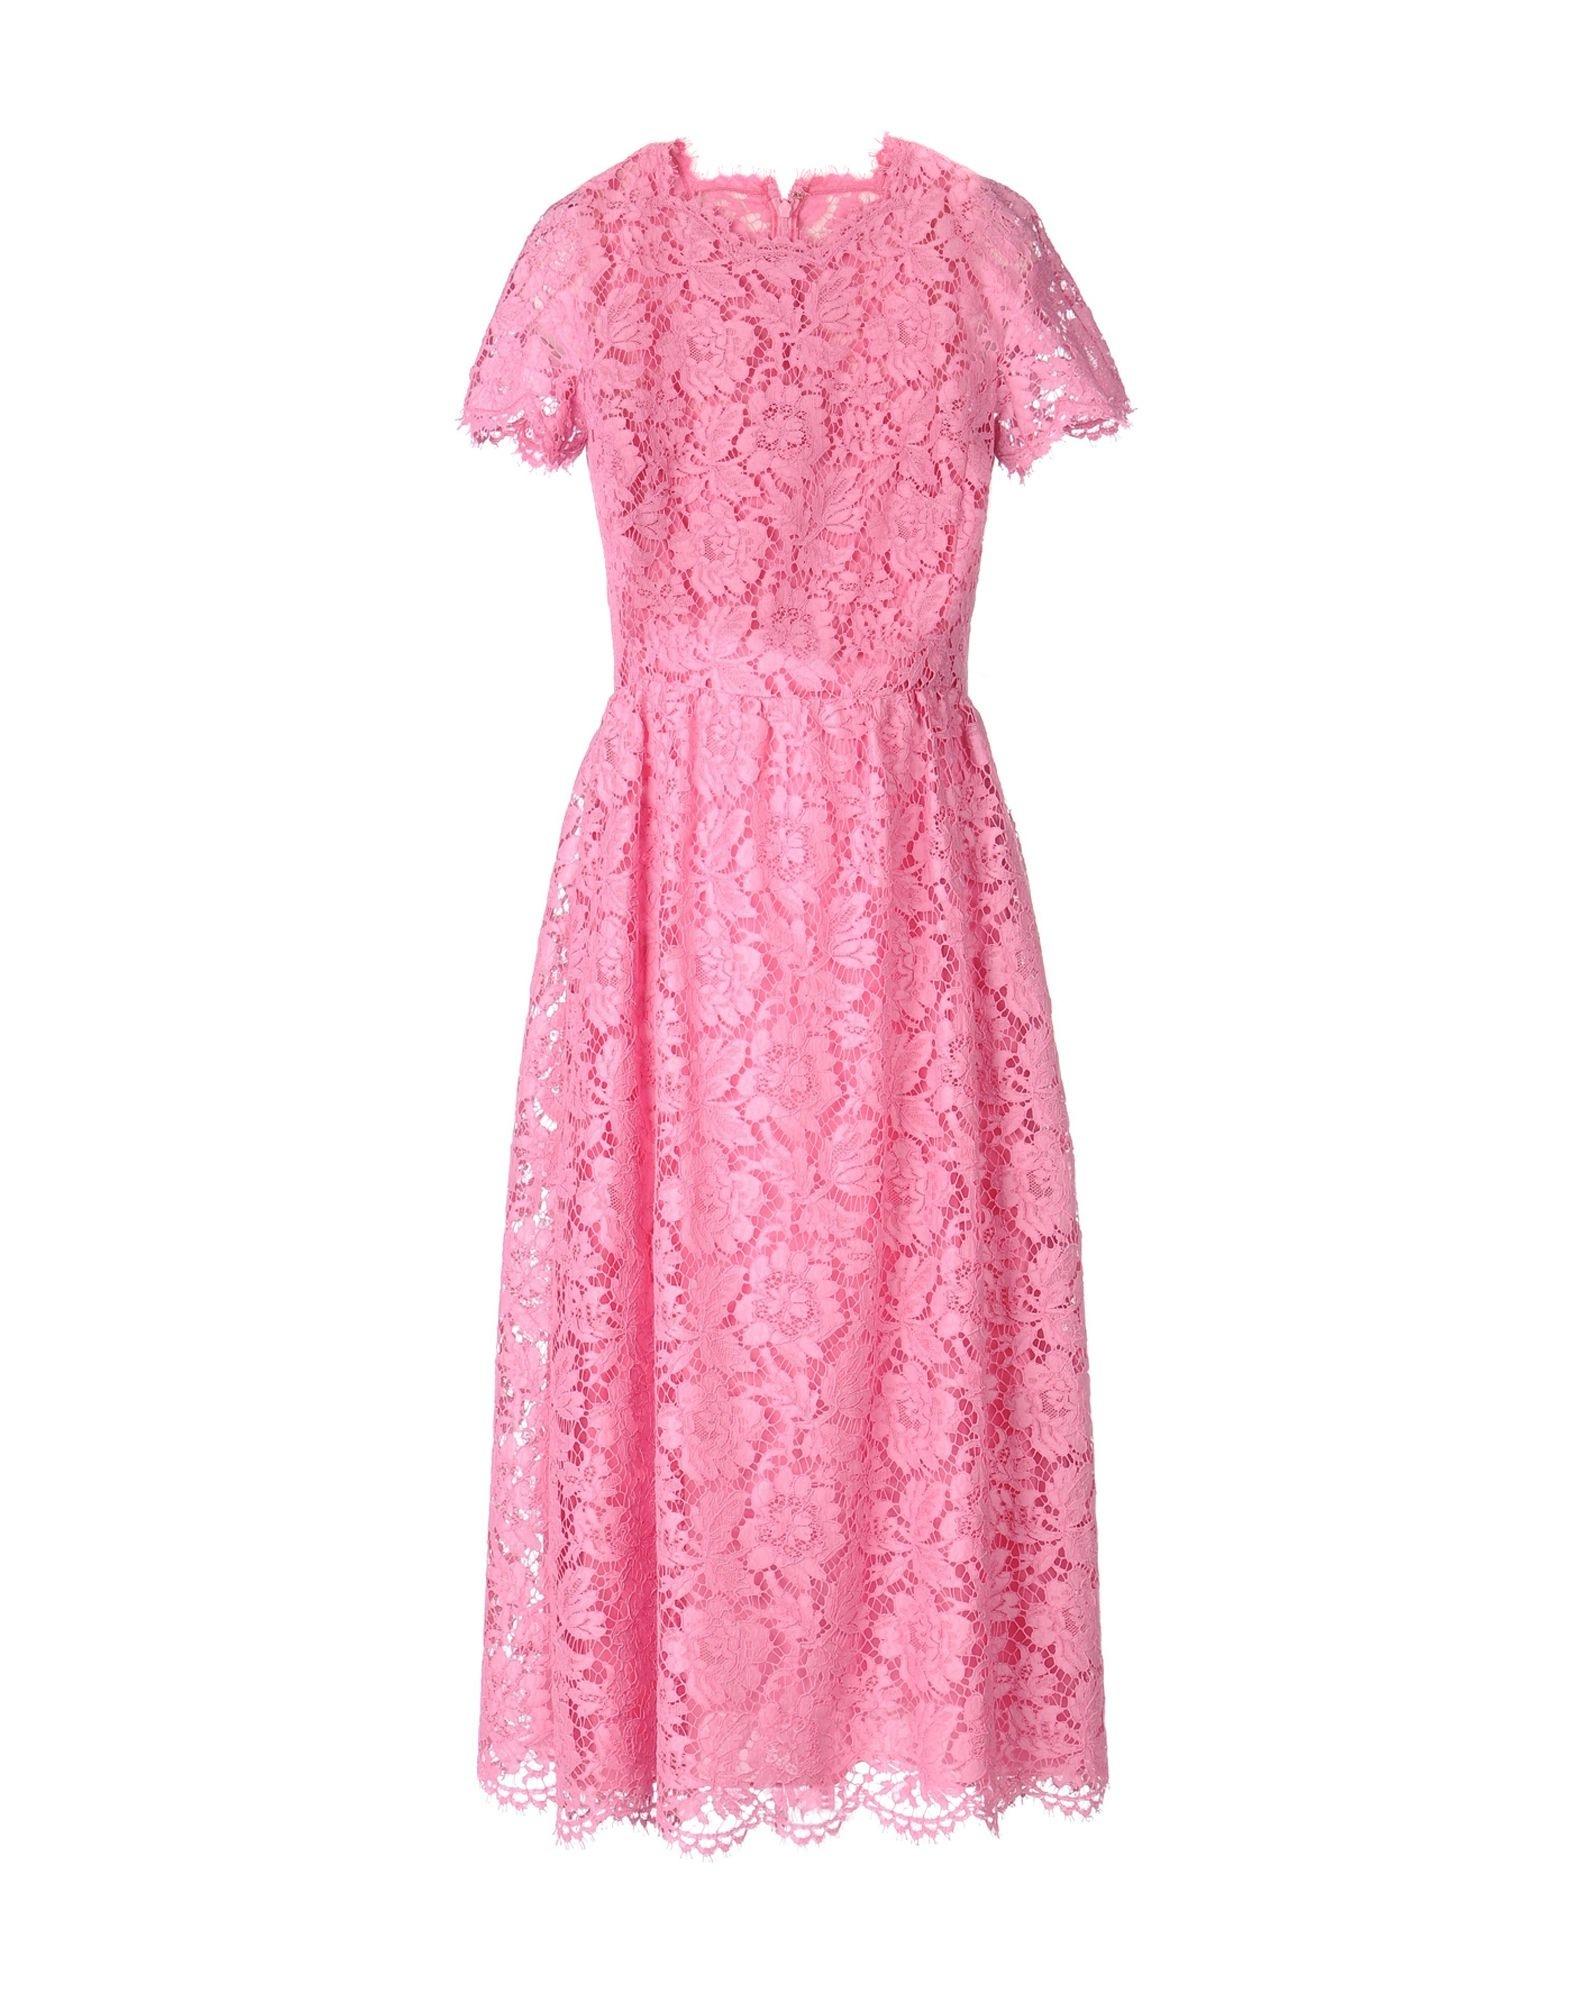 15 Perfekt Kleid Kaufen für 2019Designer Erstaunlich Kleid Kaufen Bester Preis